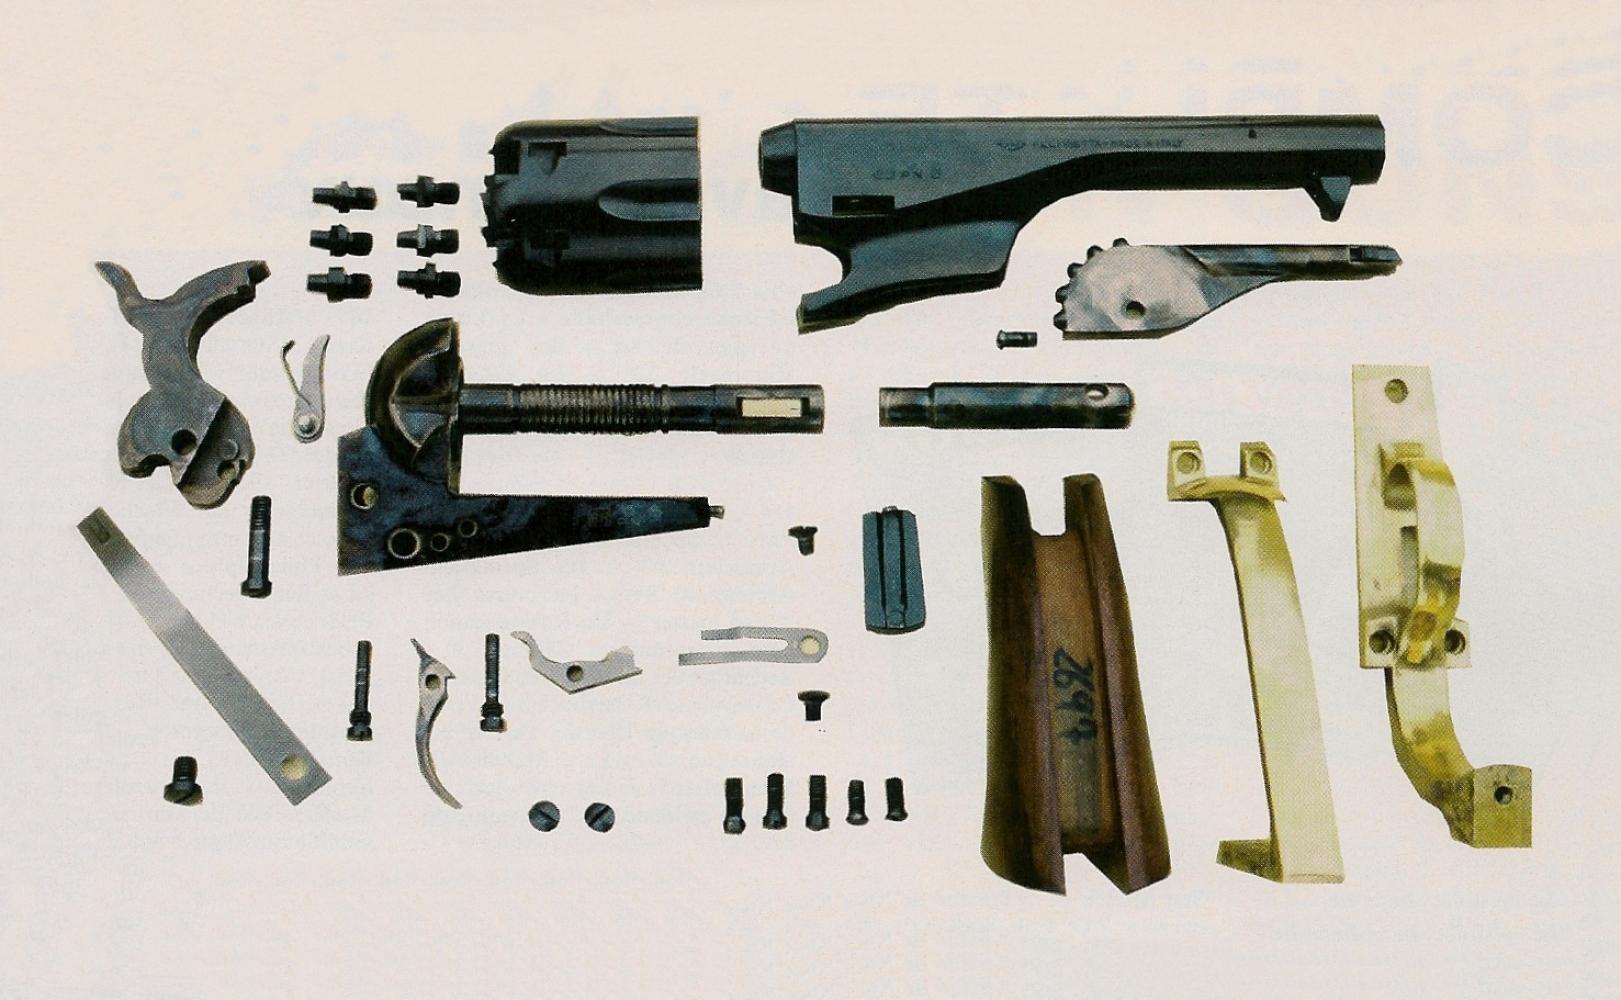 Vue d'ensemble des pièces qui composent cette réplique de Colt modèle 1861 Navy. Pousser plus avant le démontage est fortement déconseillé : vous ne devez pas tenter de séparer l'axe du barillet du bâti sur lequel il est vissé, ni le petit ressort à lame du doigt élévateur sur lequel il est serti.